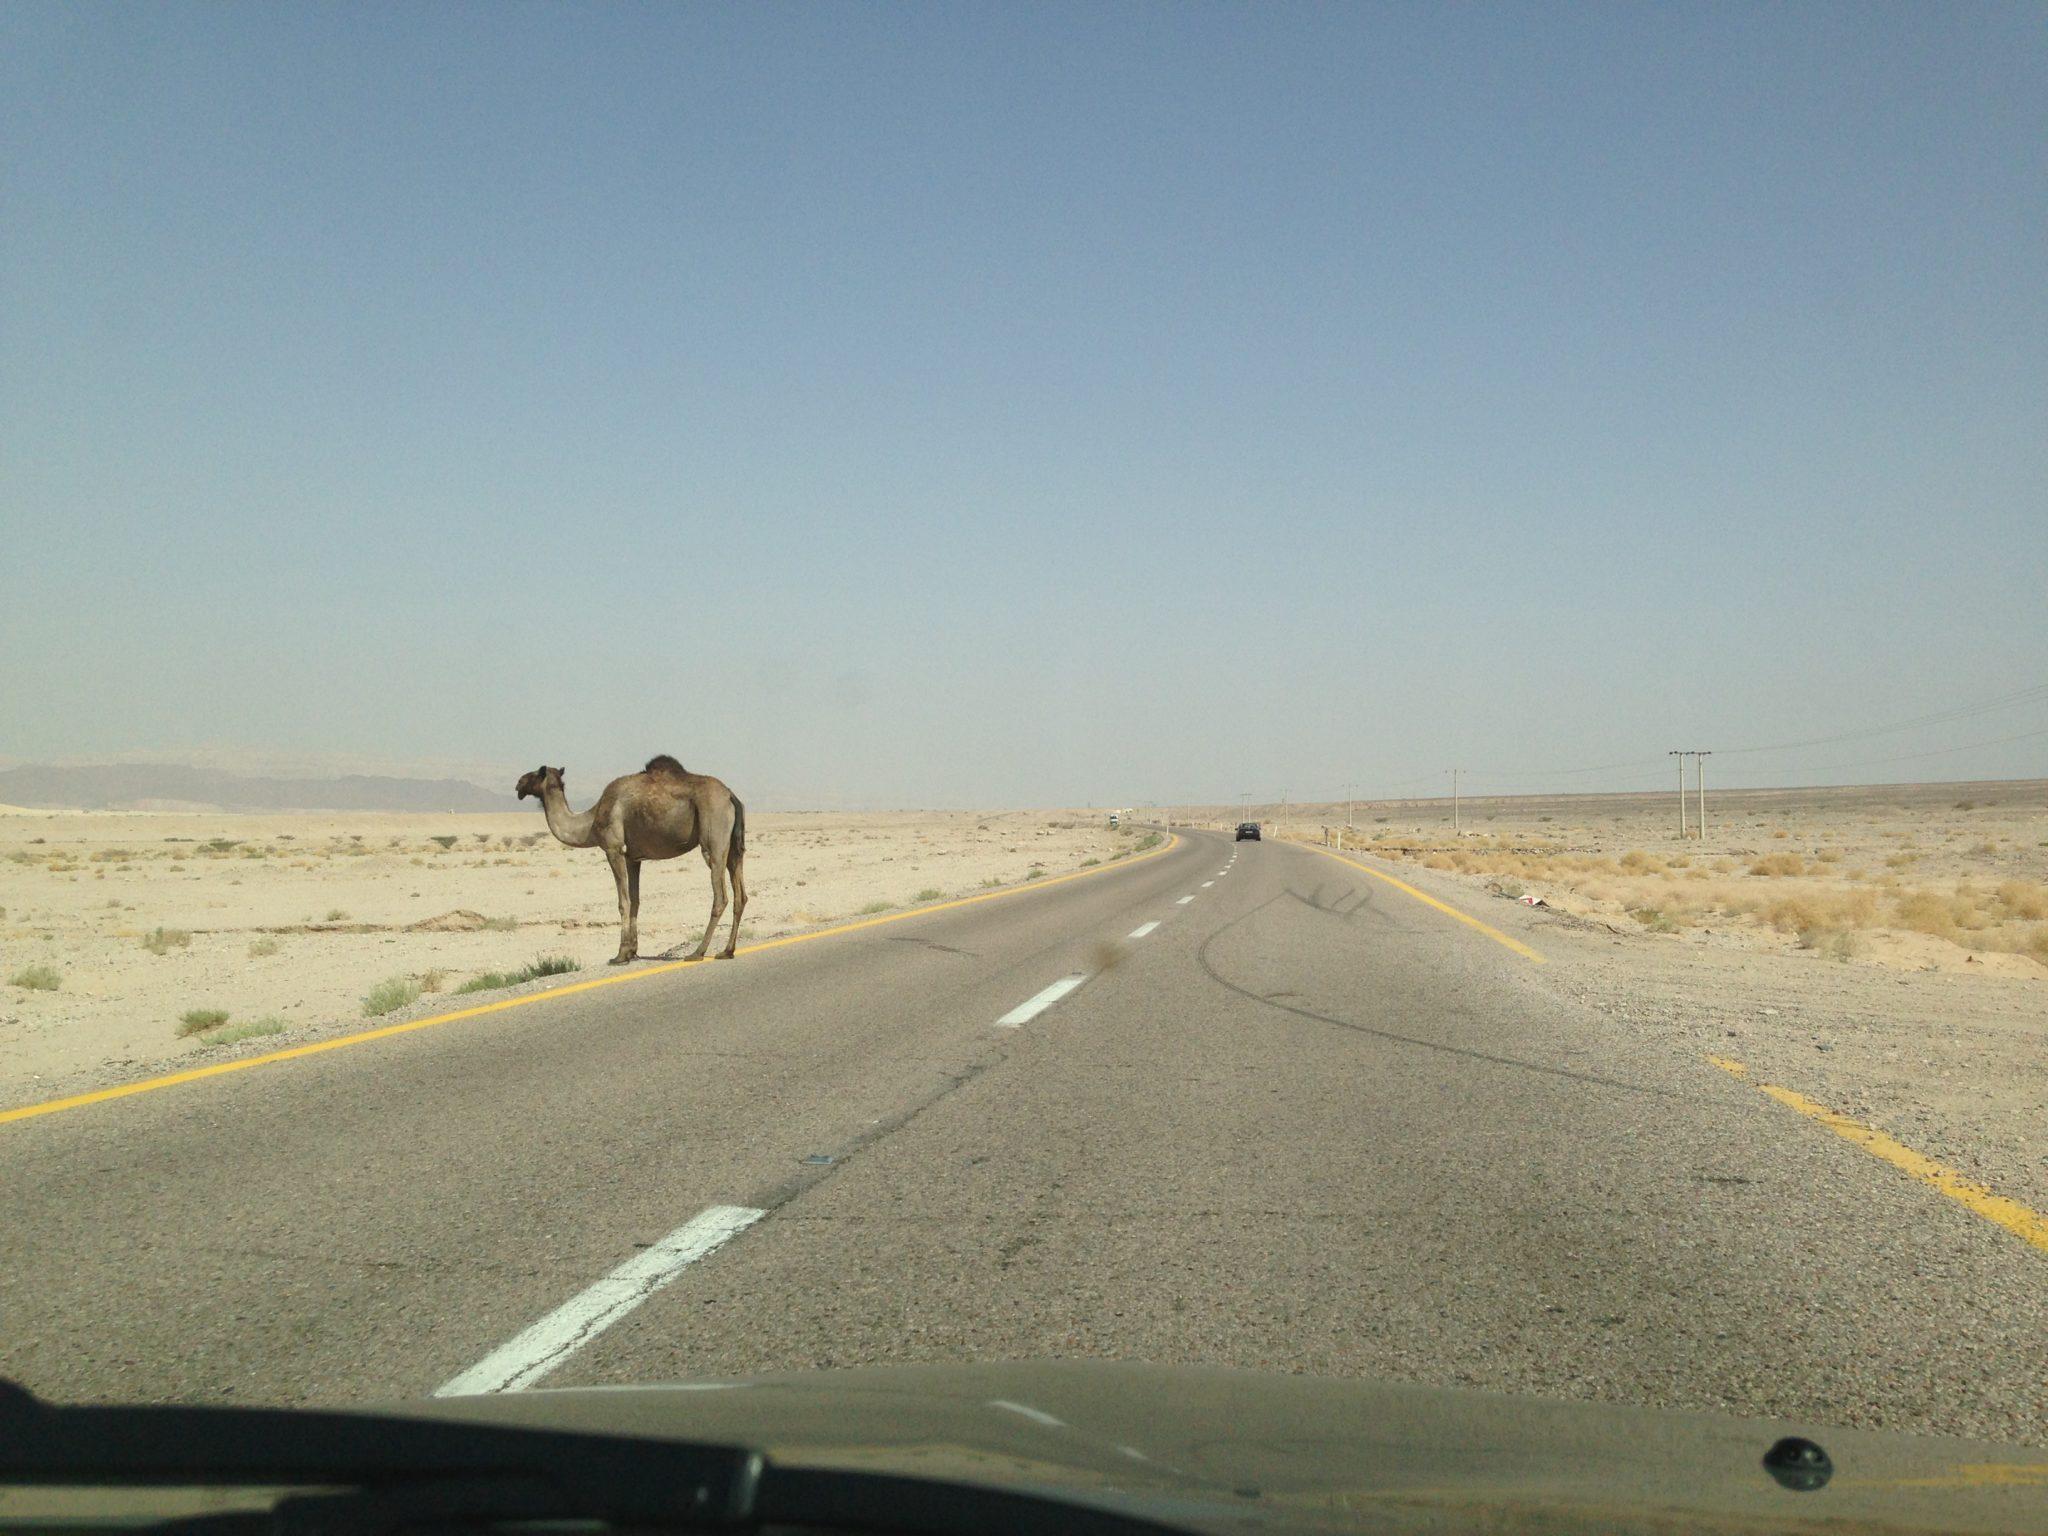 new concept b916a 5b207 Benefits of Renting a Car in Jordan - Should You Hire a Car